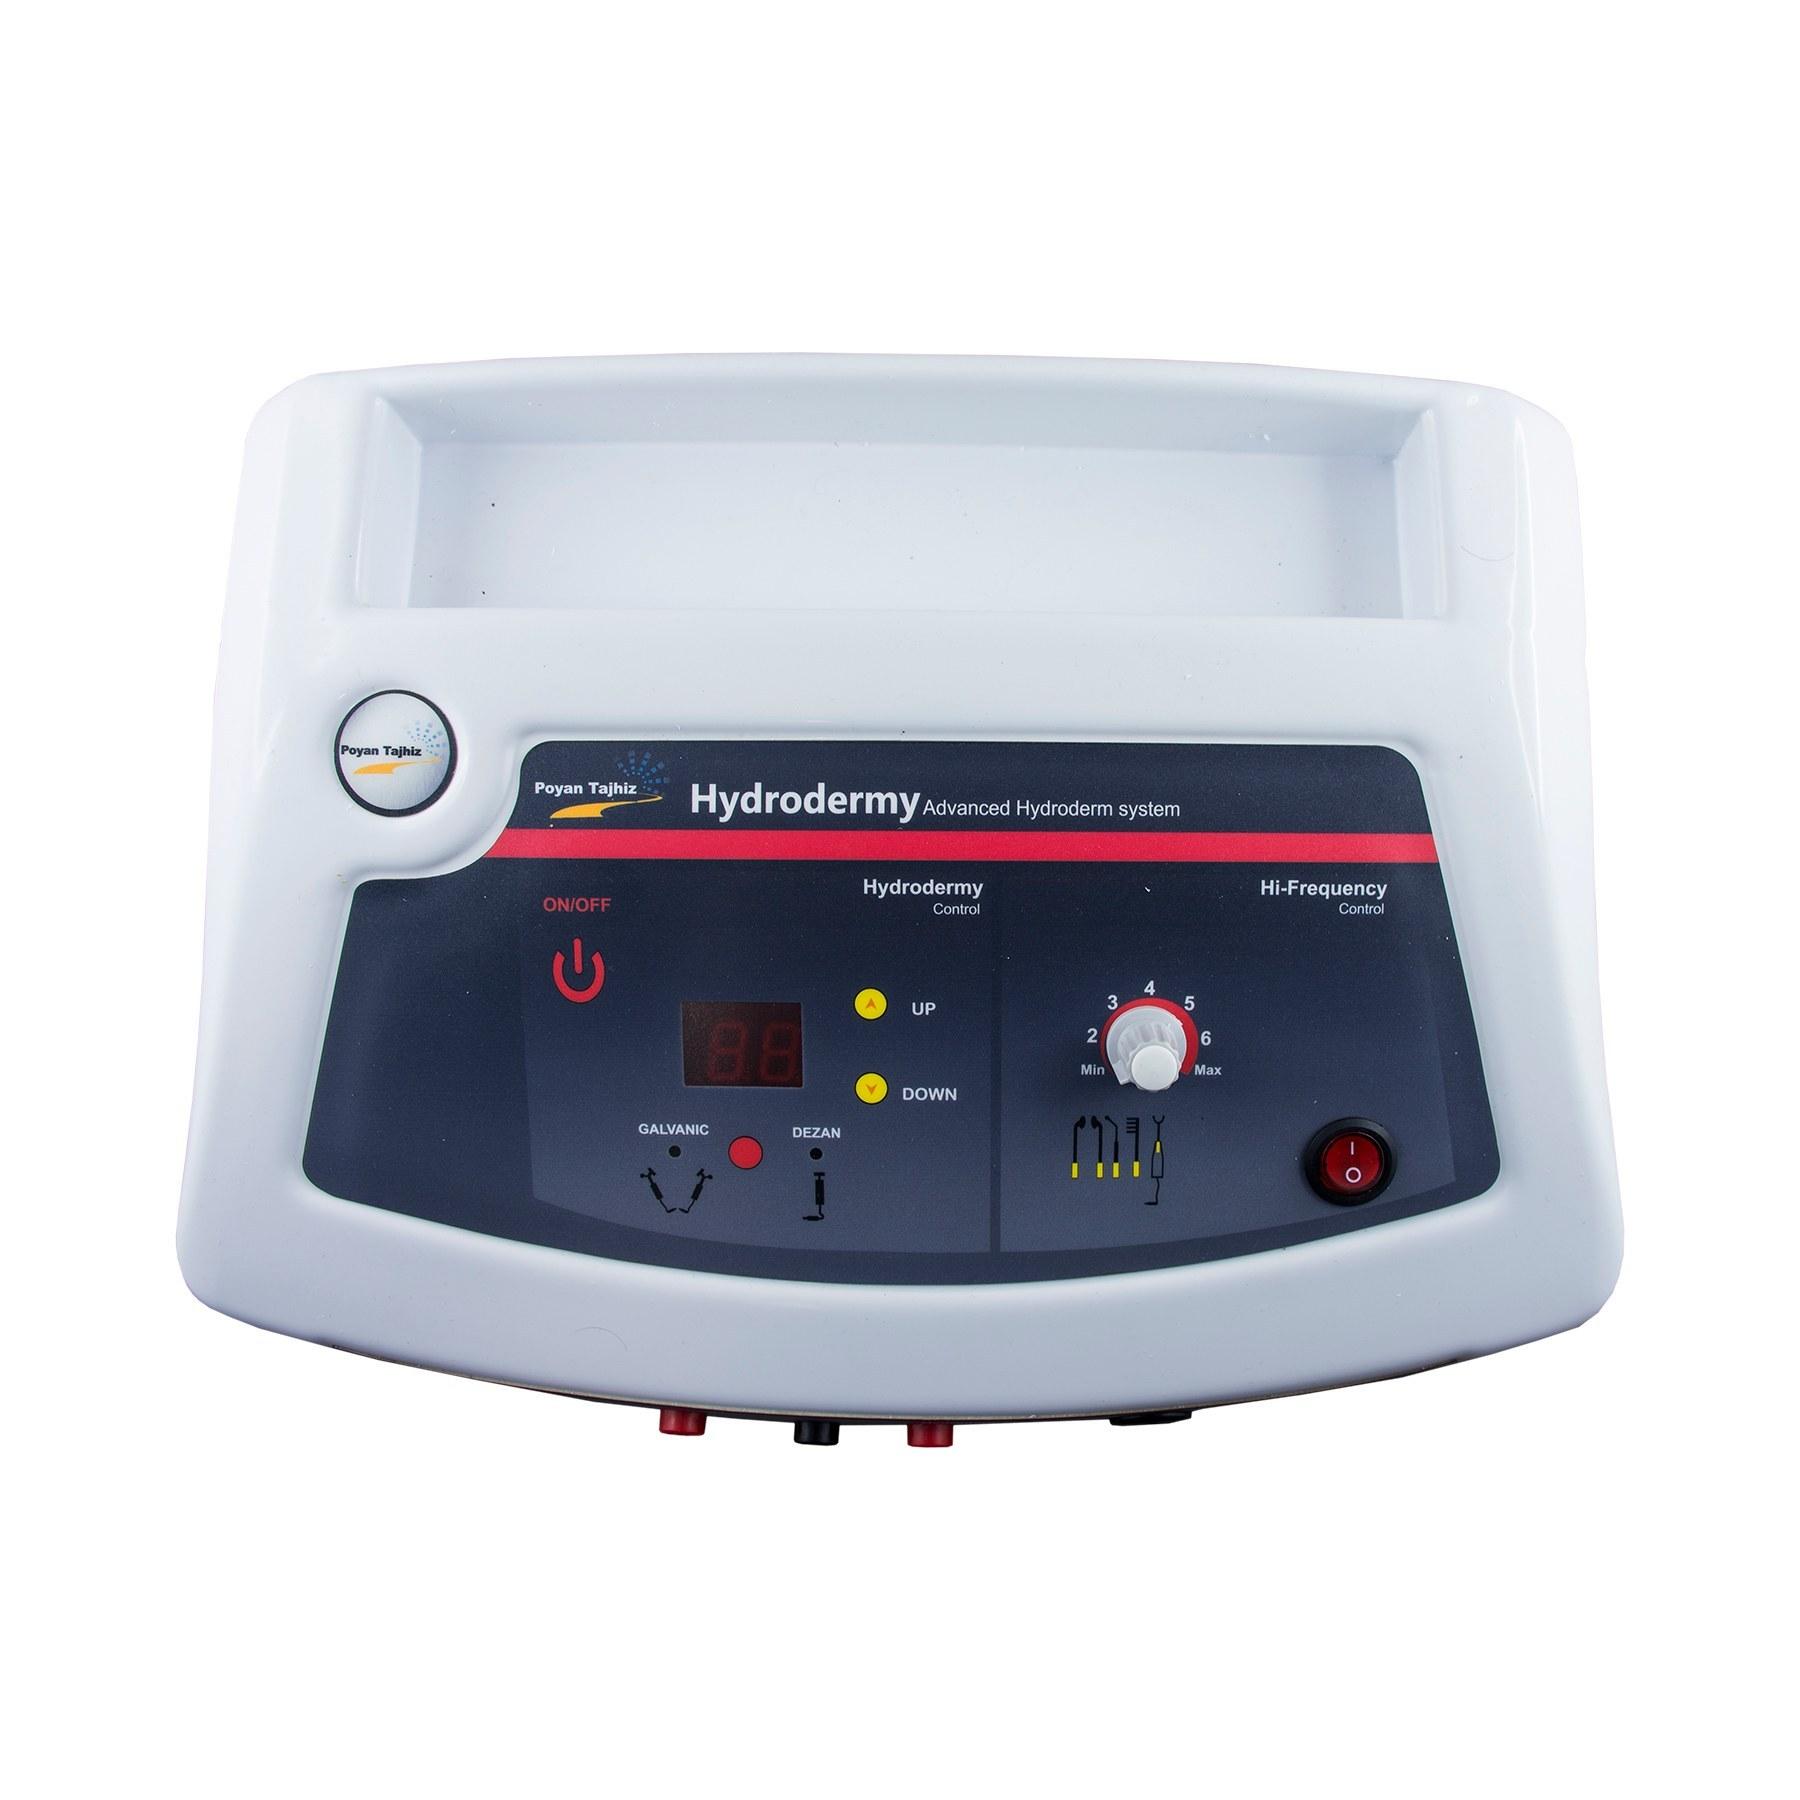 تصویر دستگاه هیدرودرمی هاینس دزن همراه با ماسک حرارتی